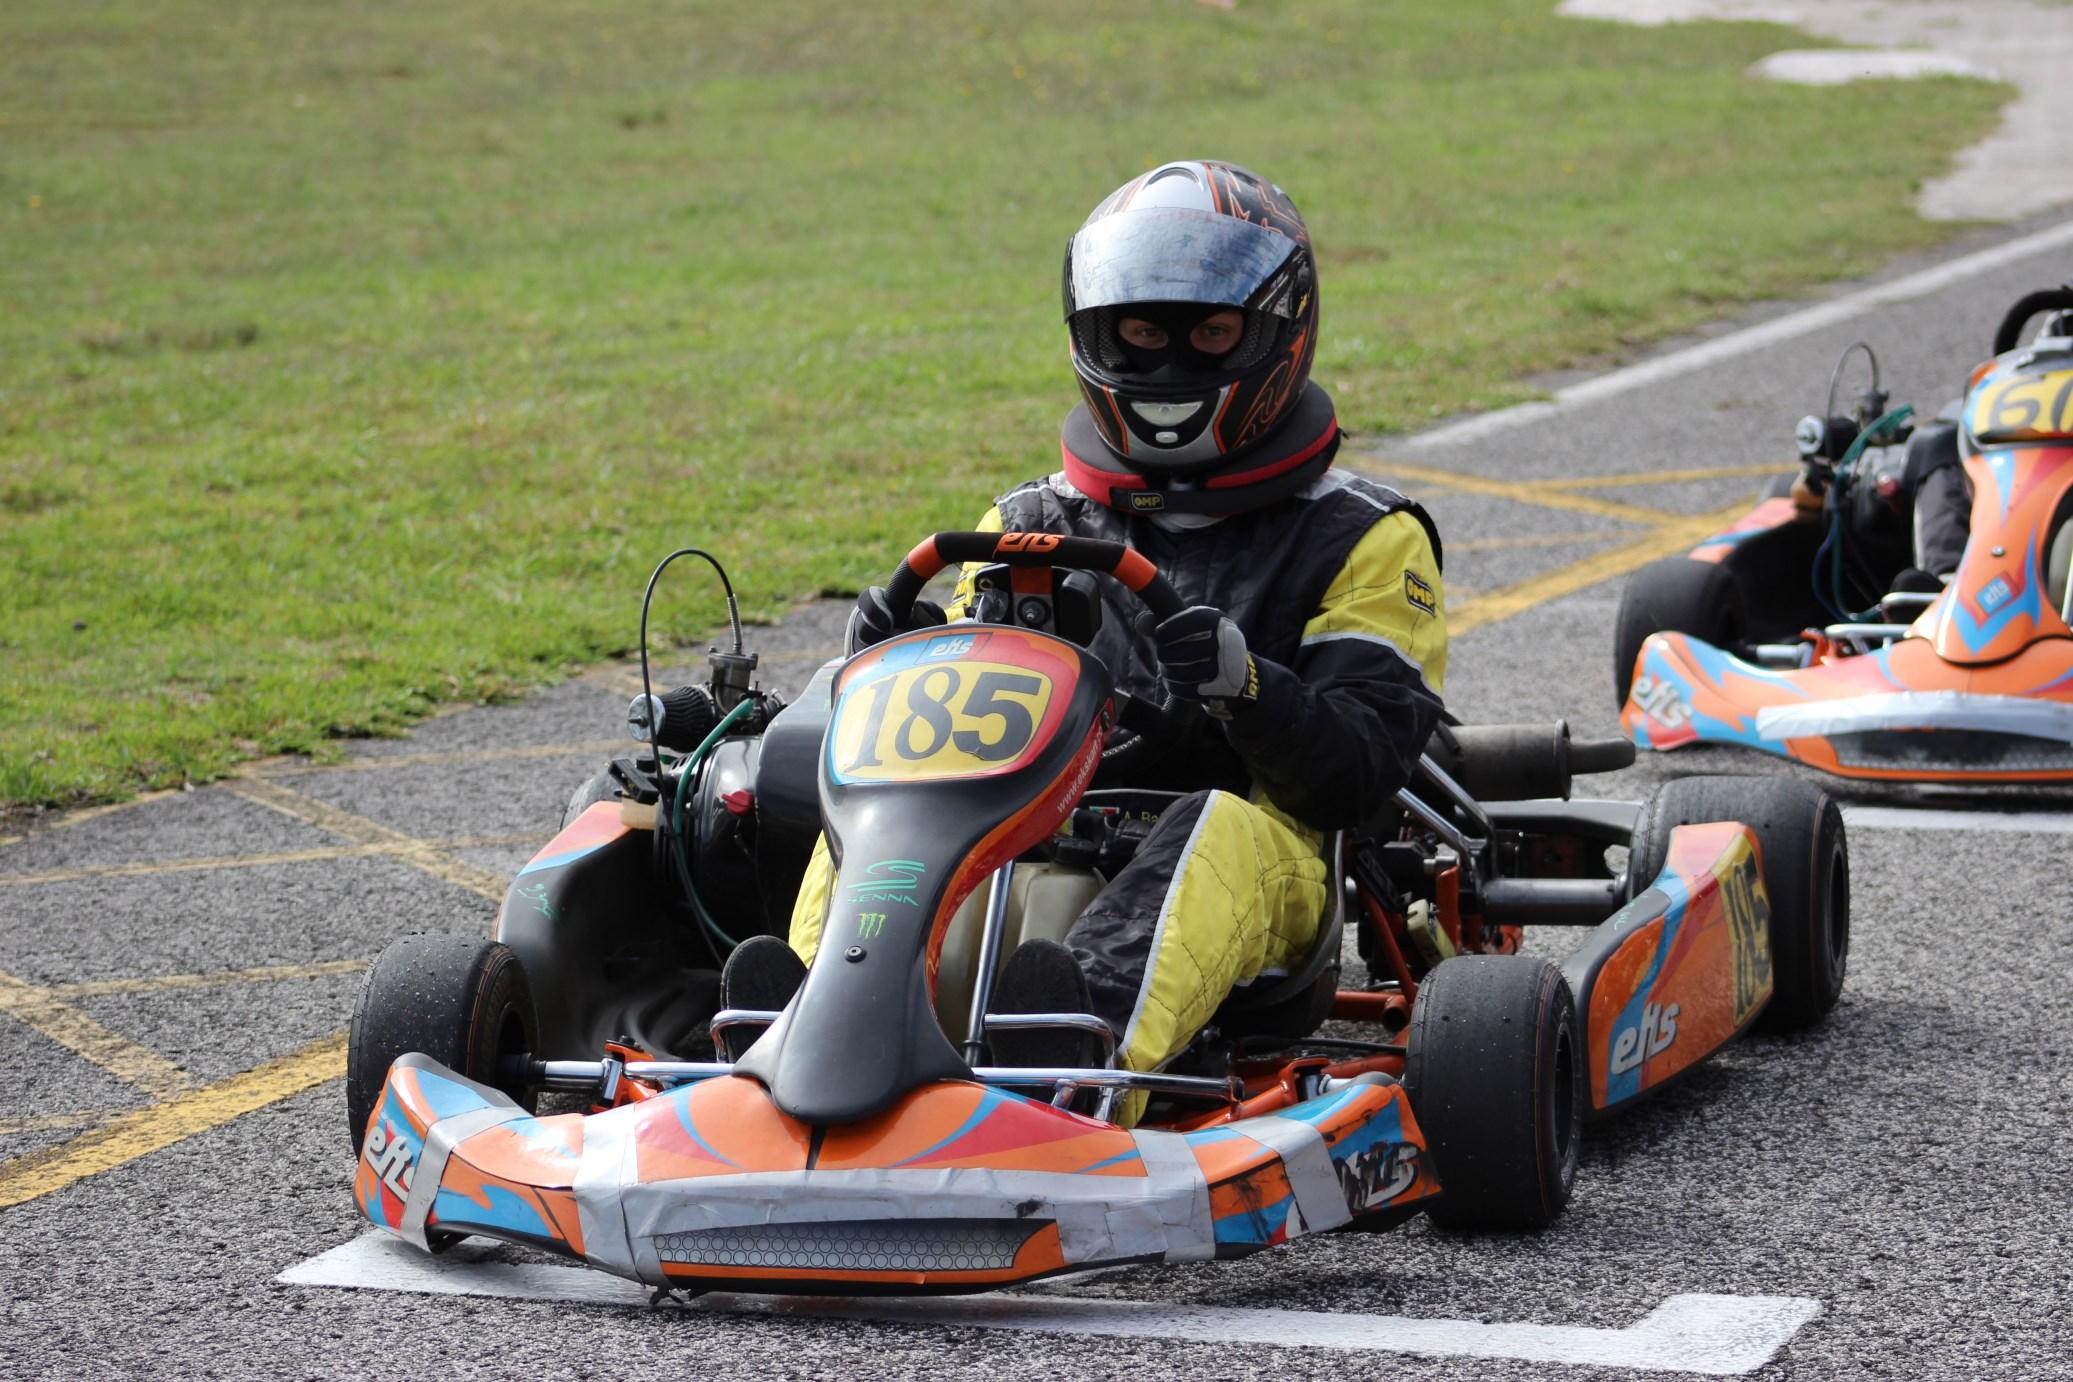 Troféu Honda 2014 - 4ª Prova192